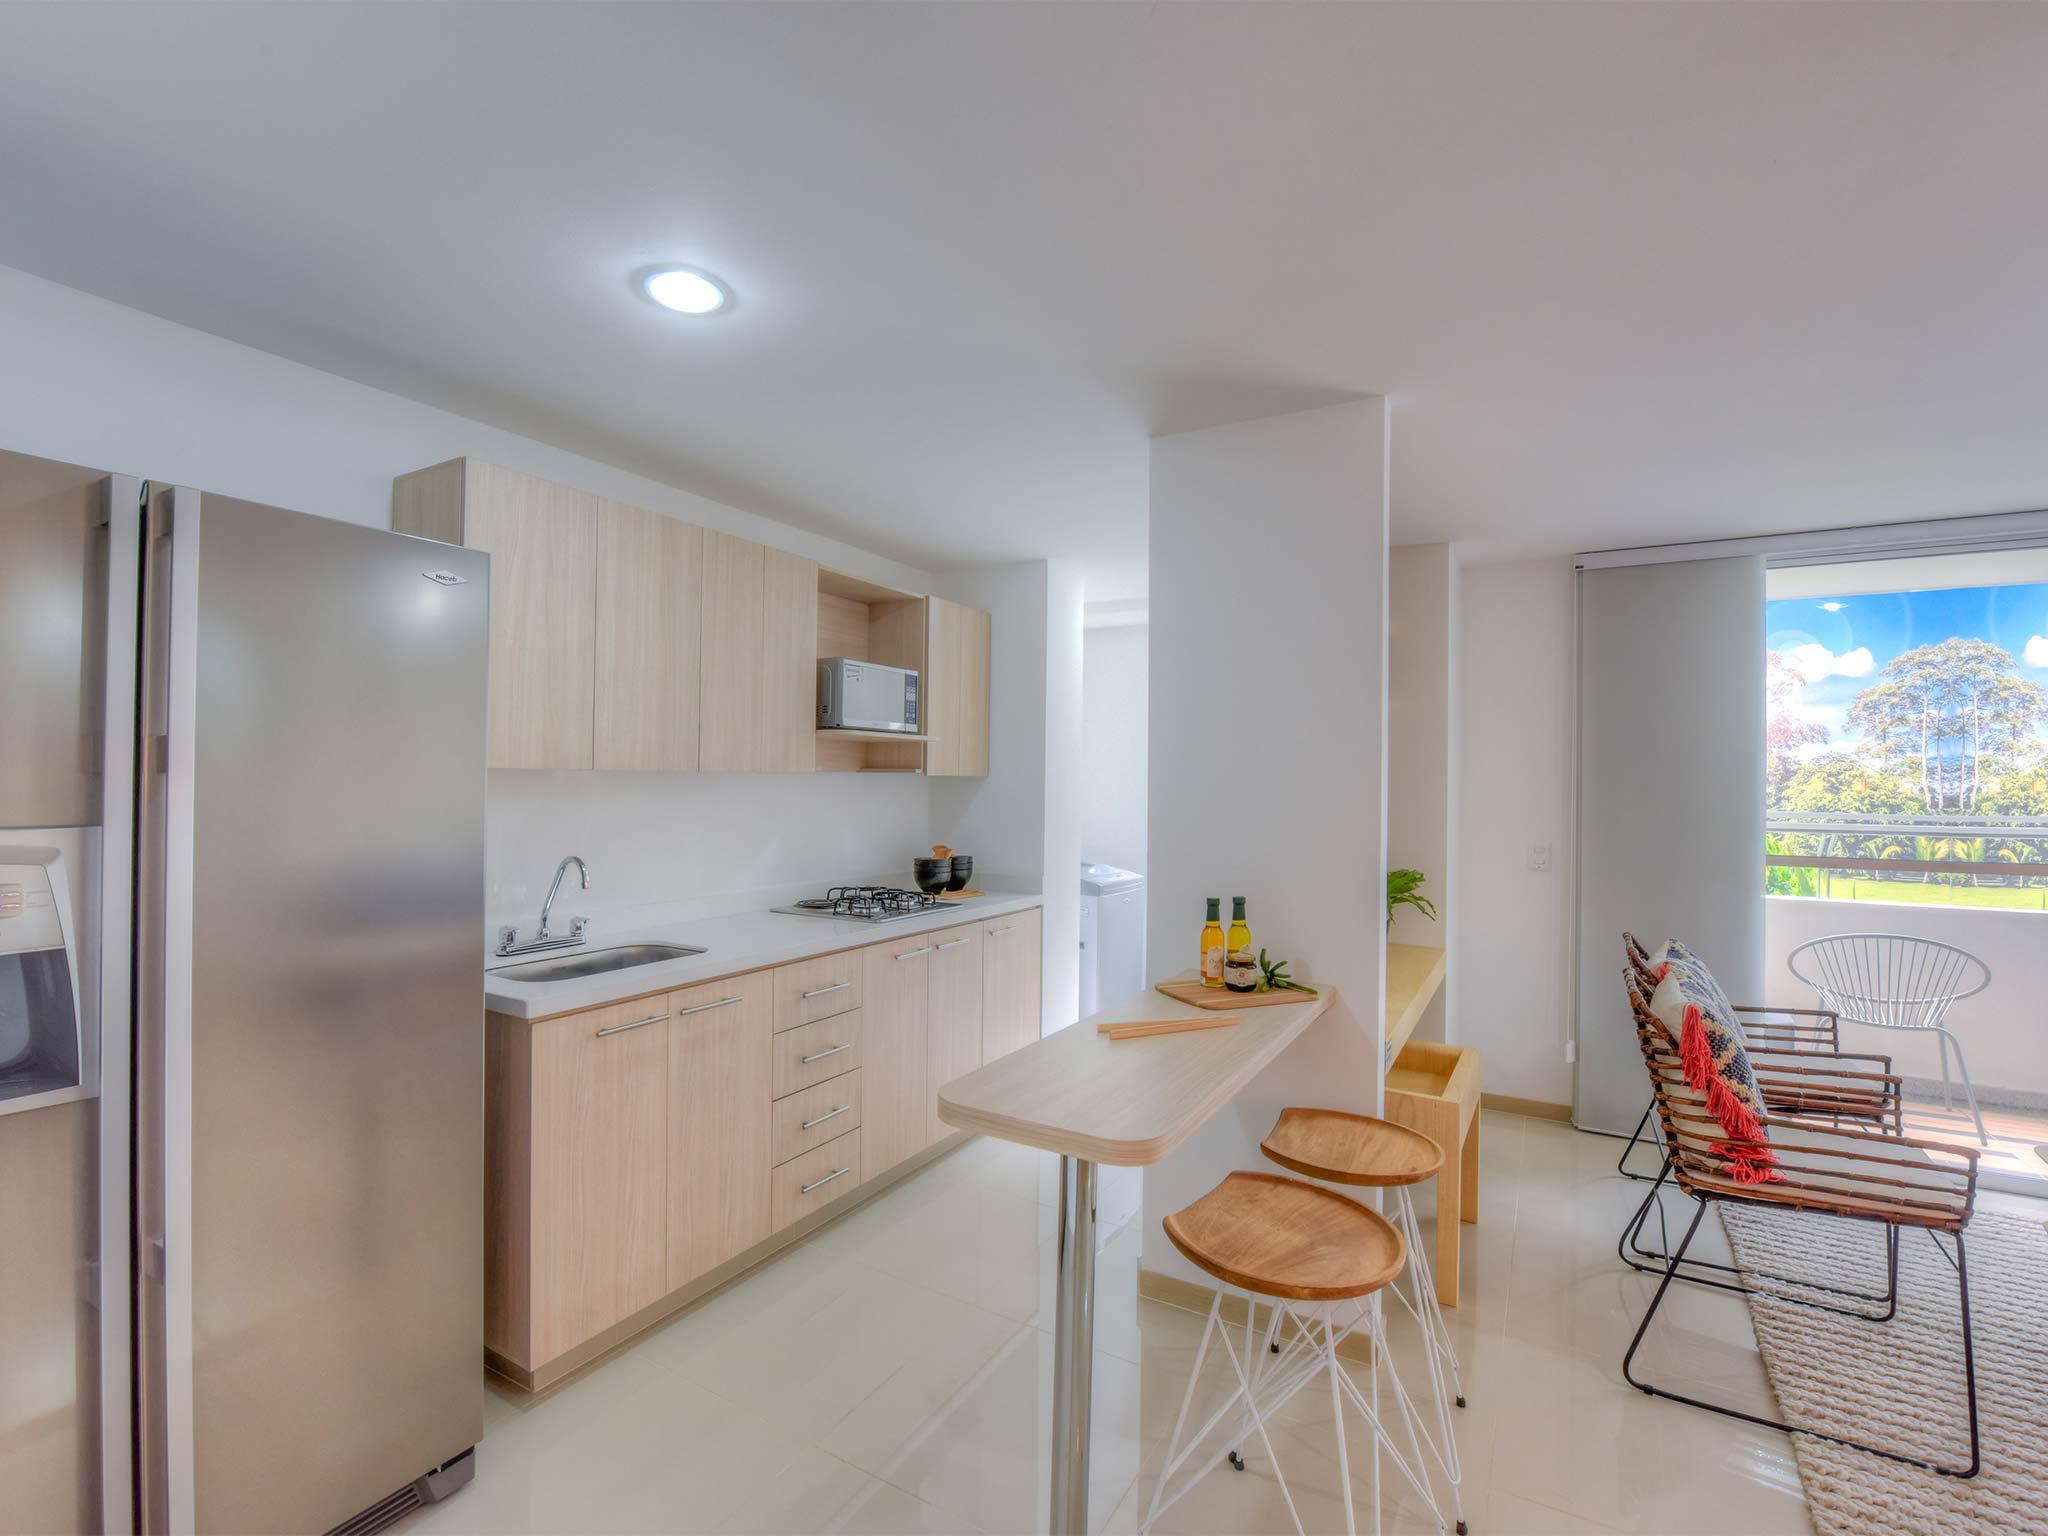 Fotos reserva del parque bienes bienes constructores for Apartamento modelo